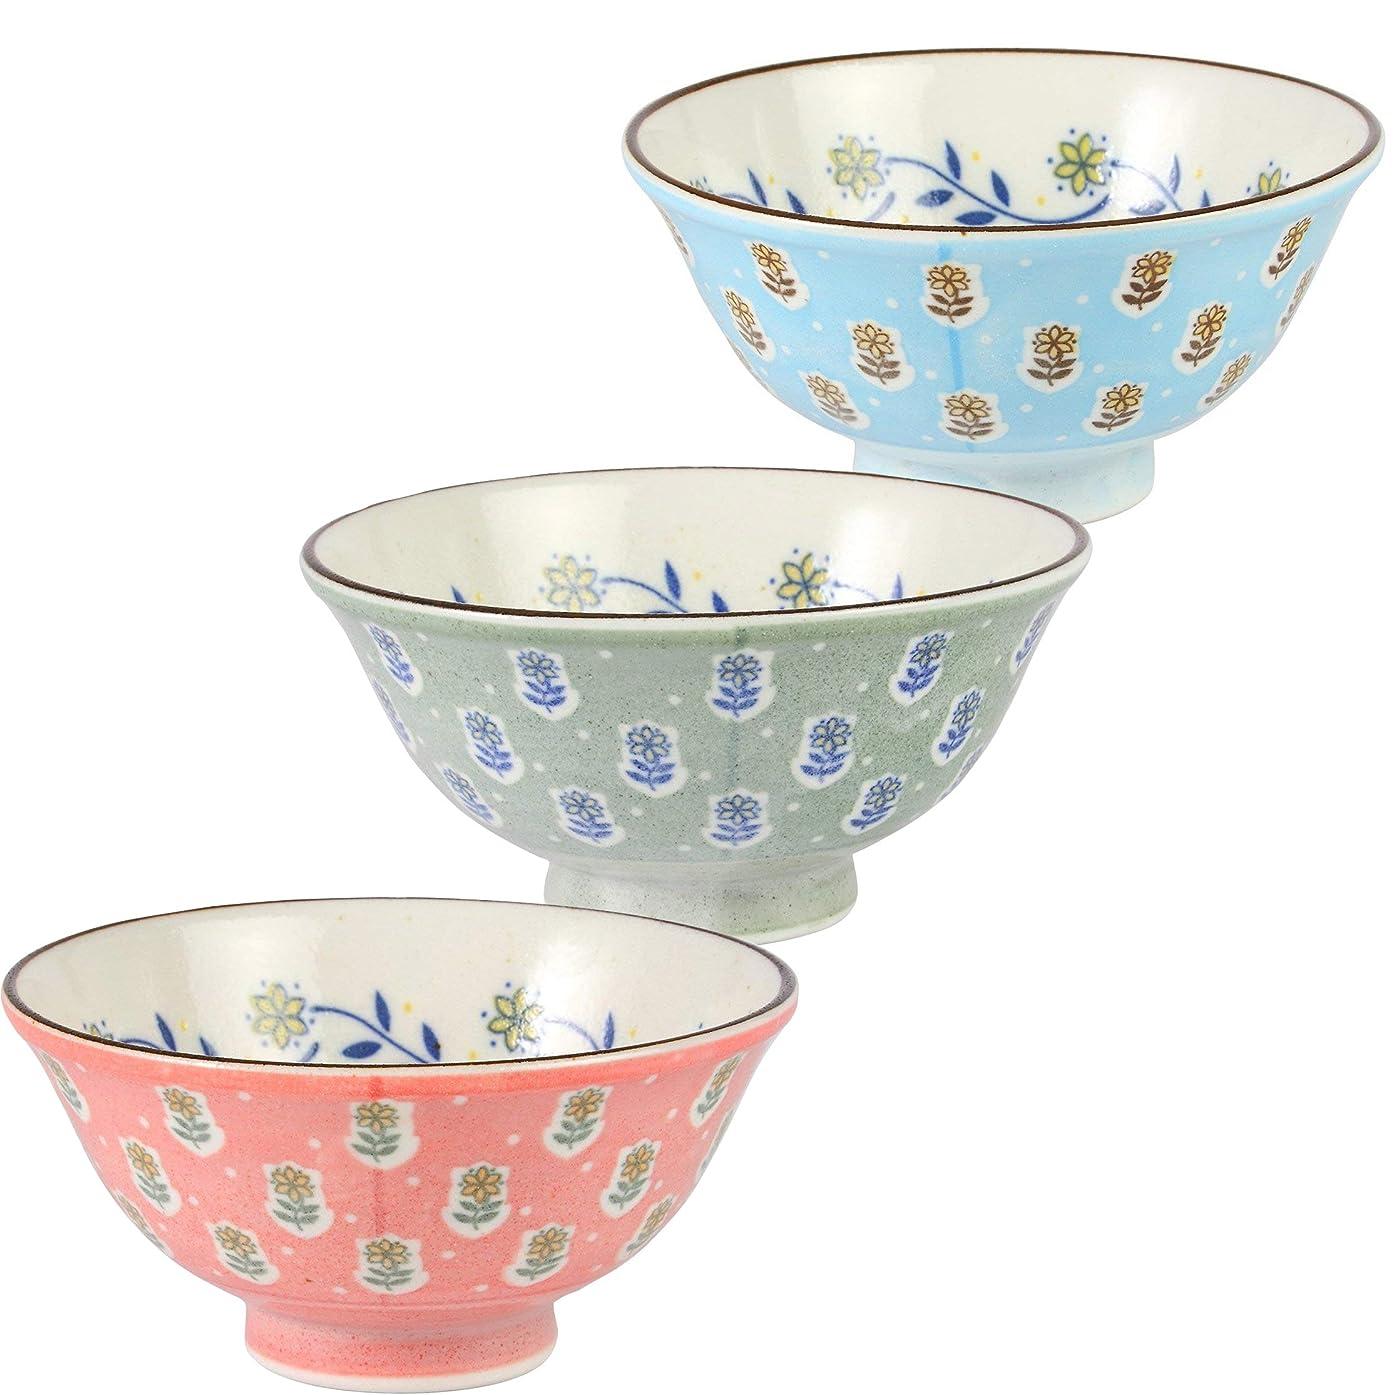 弱いリレーセージみのる陶器 calme 軽量茶碗 リトルフラワー 3色セット